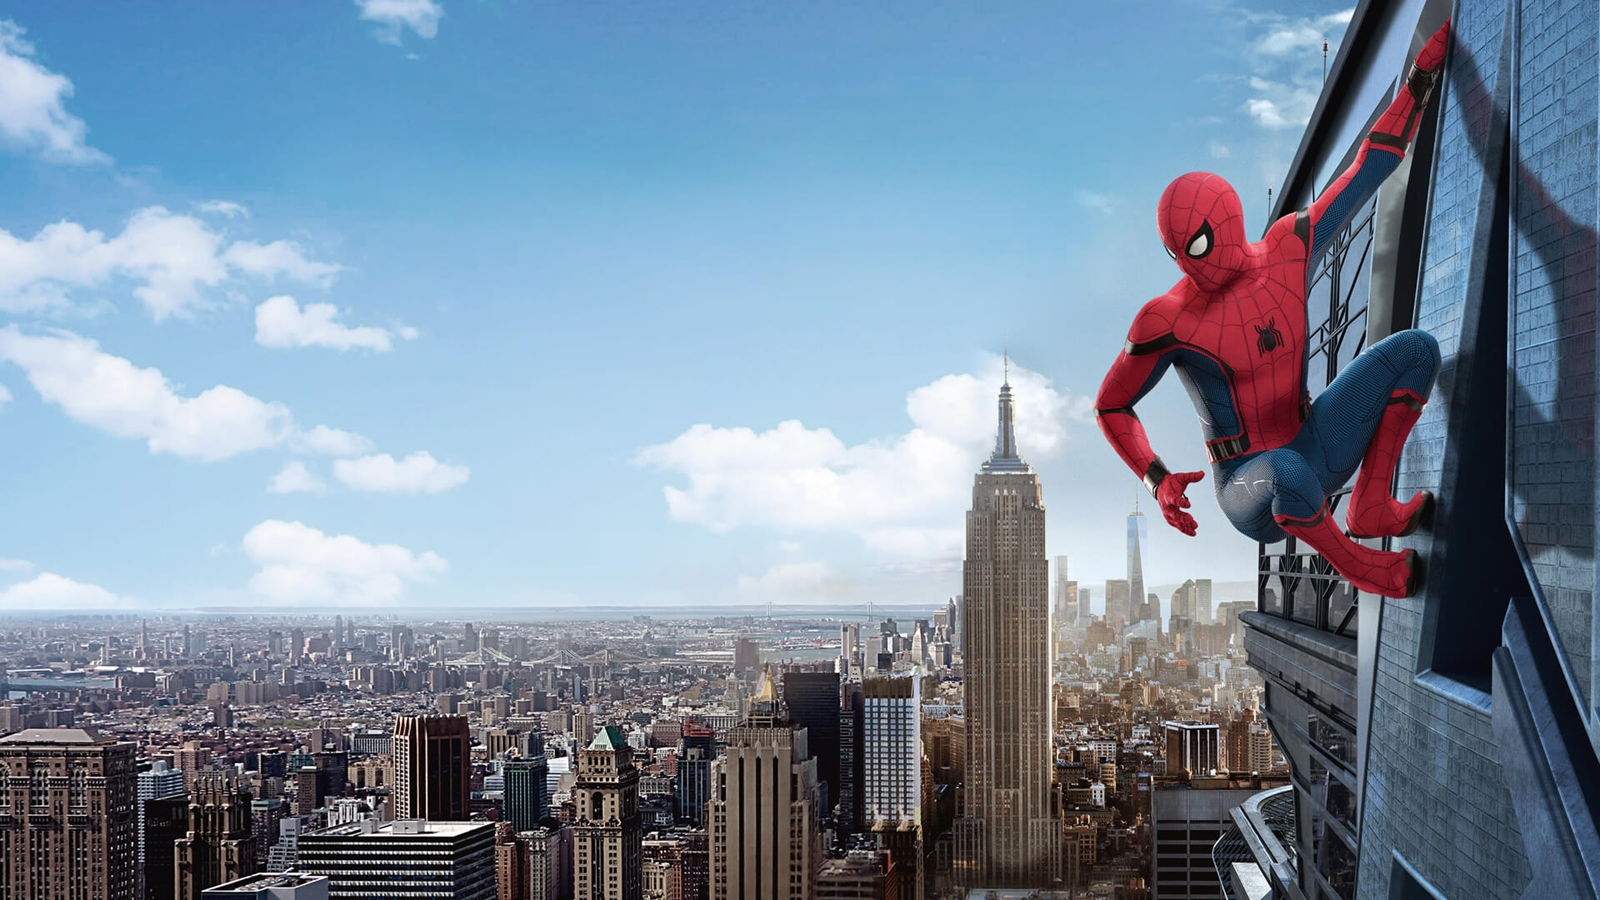 Spiderman: Homecoming, Zirnekļcilvēks: Atgriešanās mājās